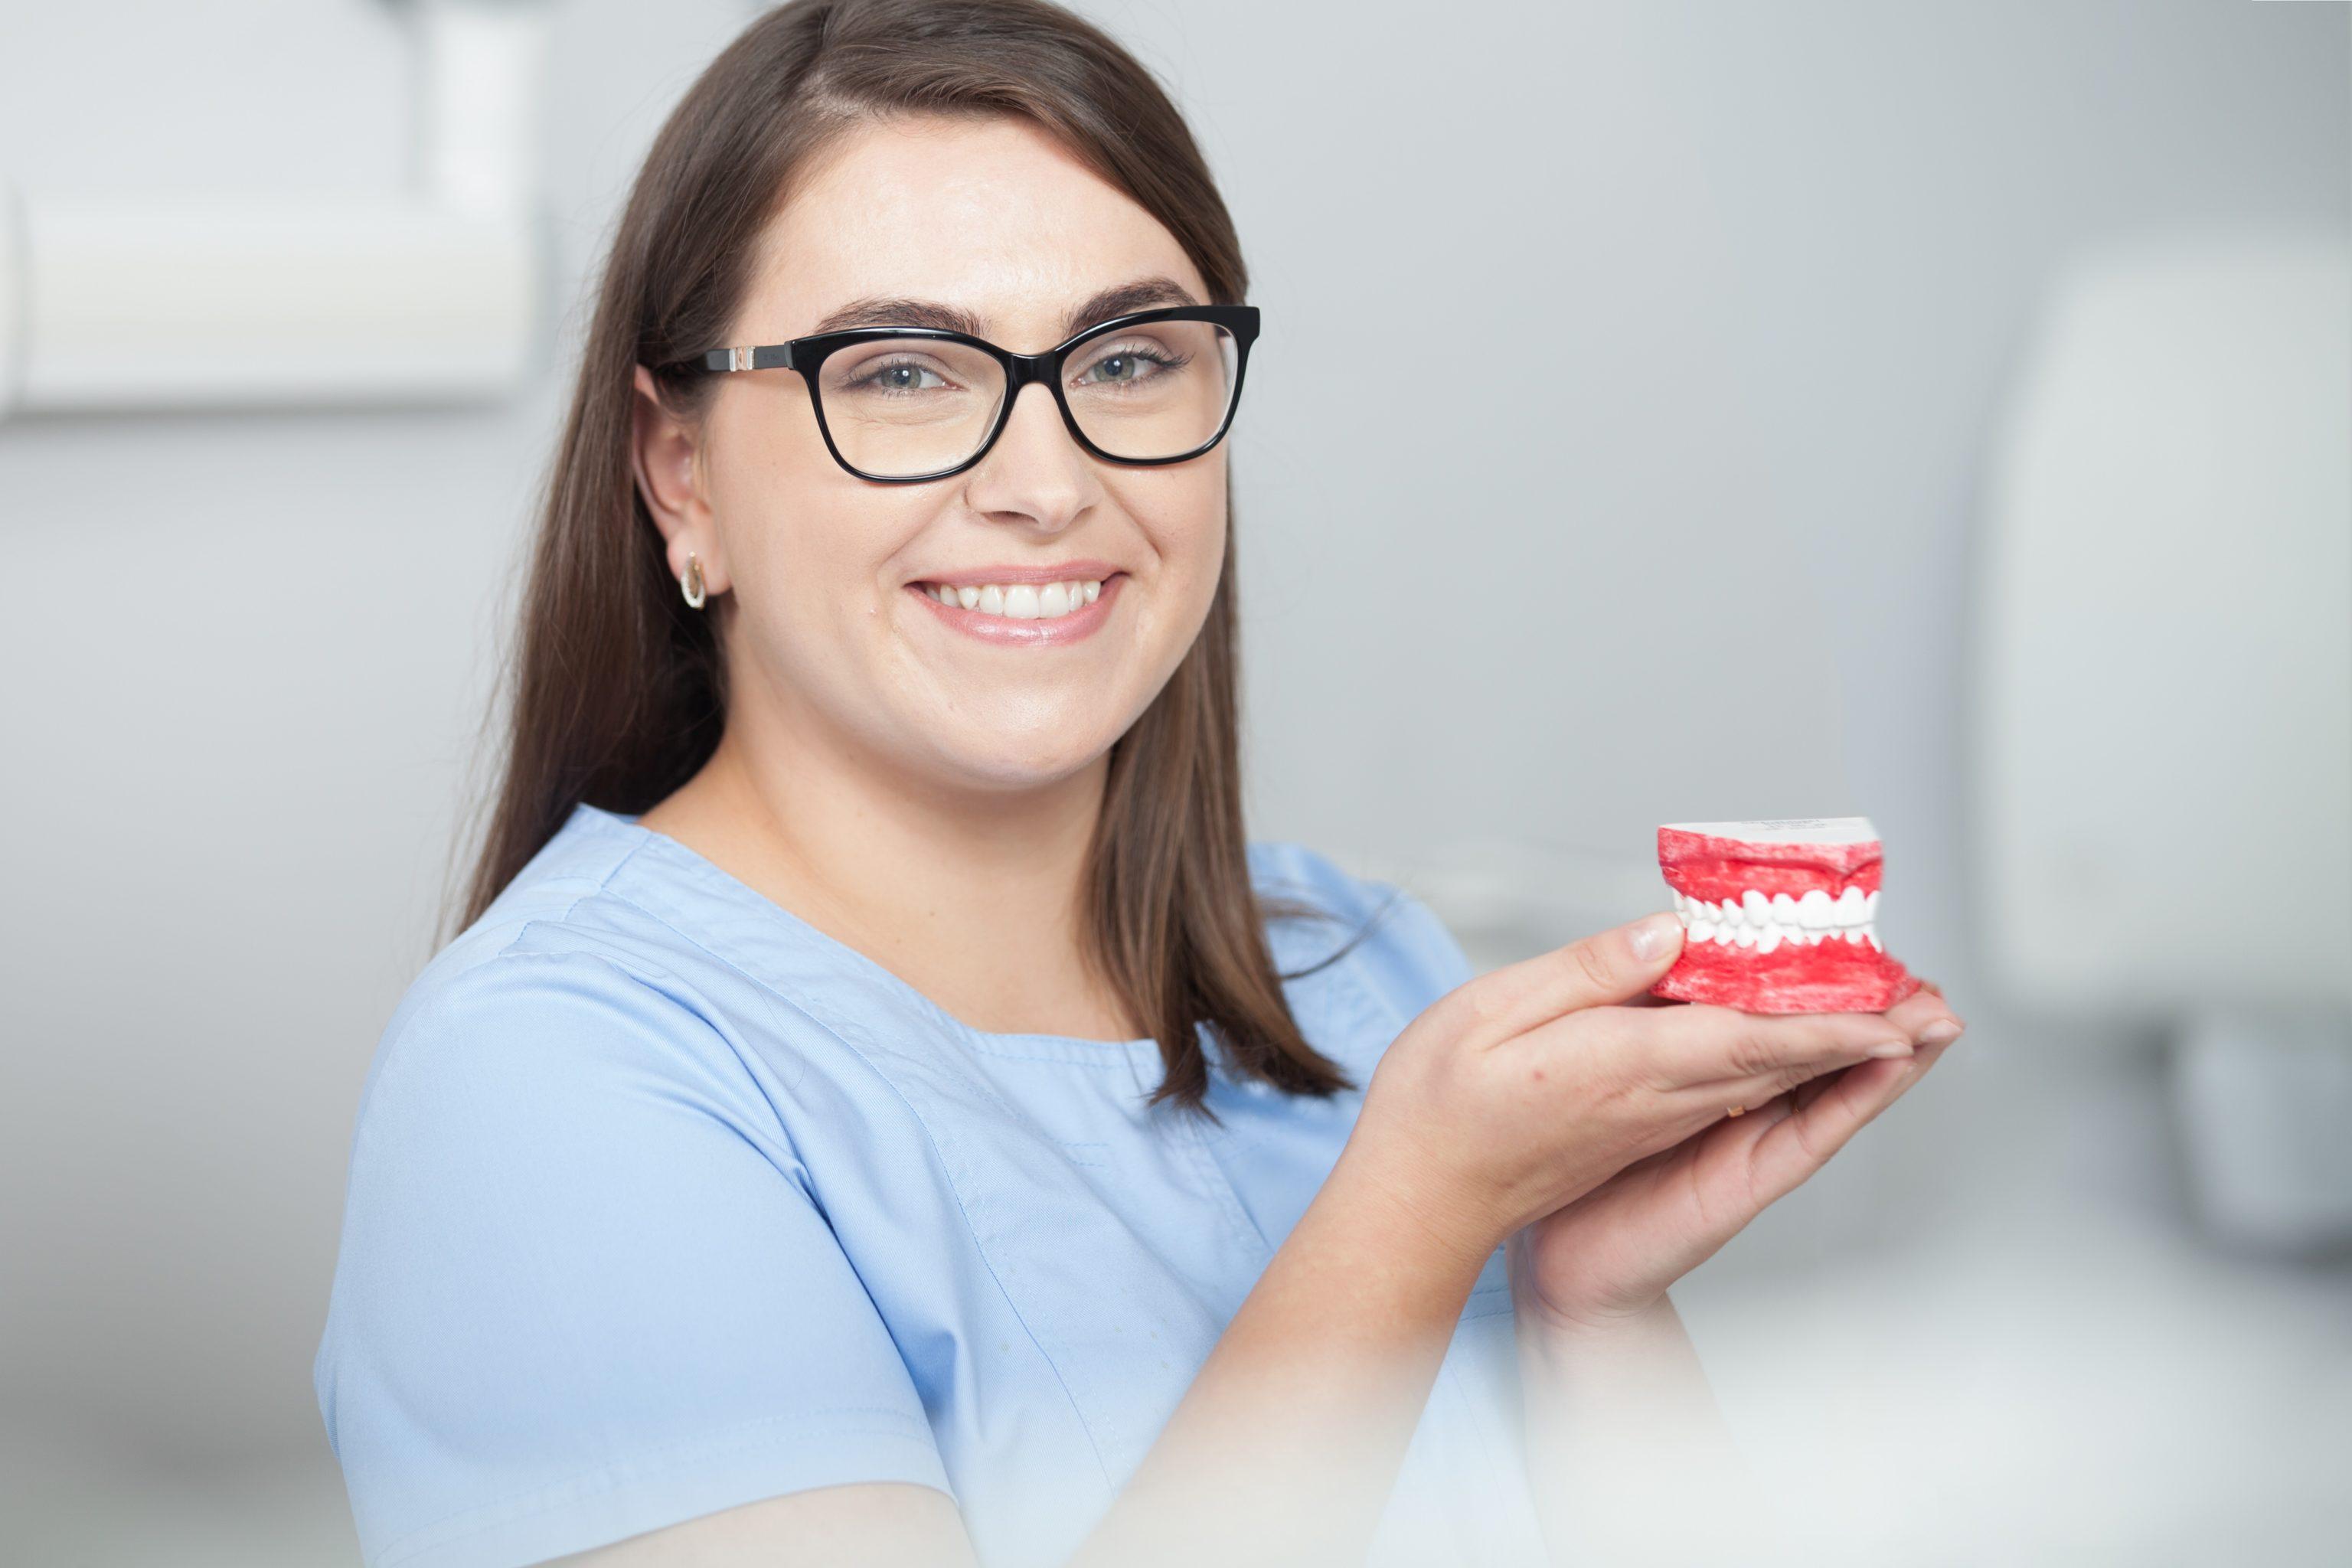 Higiena i profilaktyka w Dental Estetic - usuwanie kamienia, fluoryzacja, lakowanie